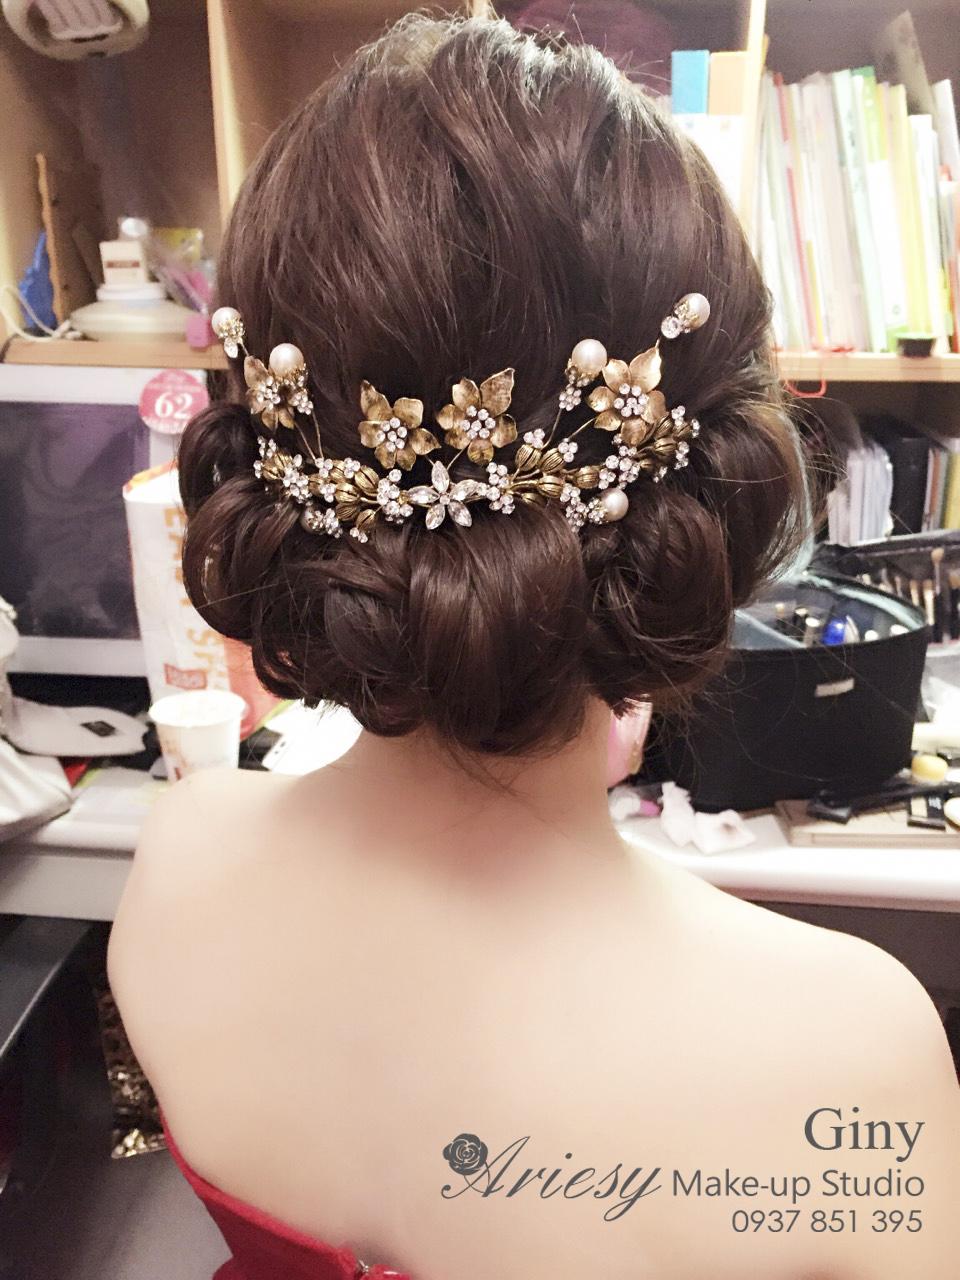 Giny,愛瑞思造型團隊,台北新娘秘書,新娘秘書,清透妝感,蓬鬆盤髮,歐美手工飾品,修剪劉海,韓風飾品